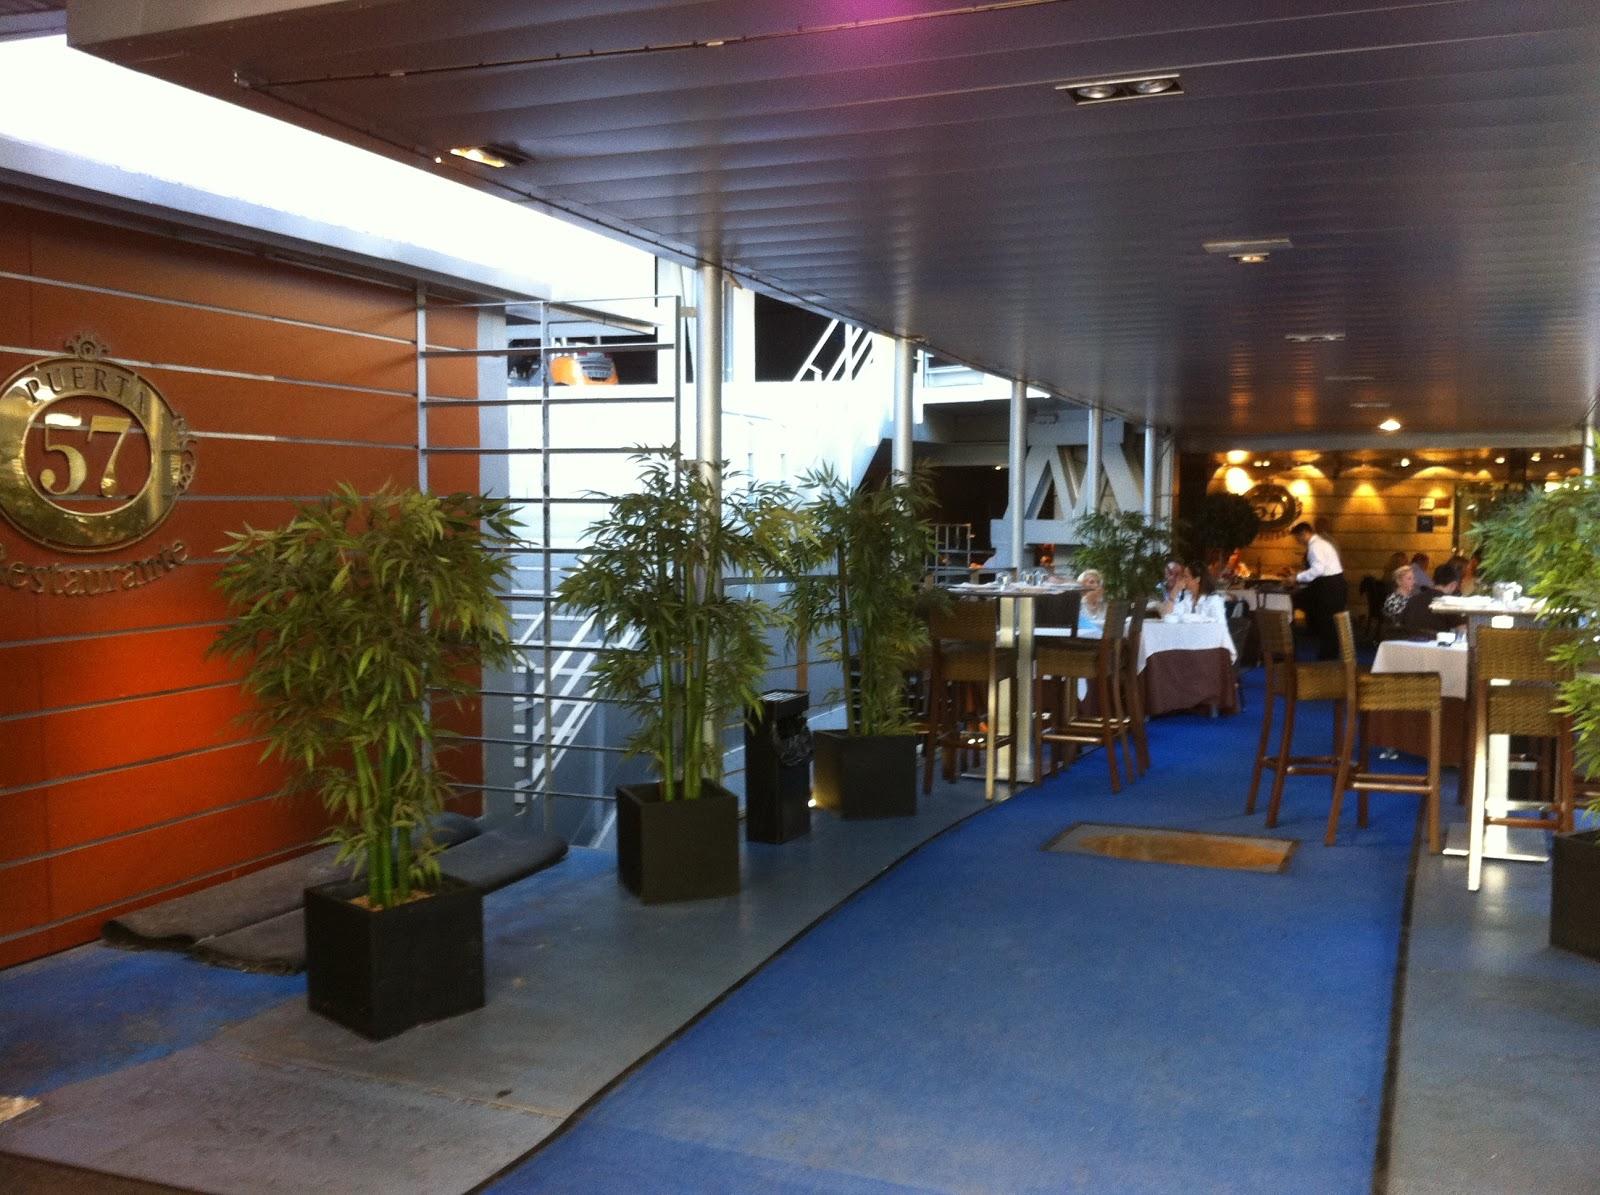 Comiendo se entiende la gente gastronutrici n puerta 57 for Puerta 57 restaurante